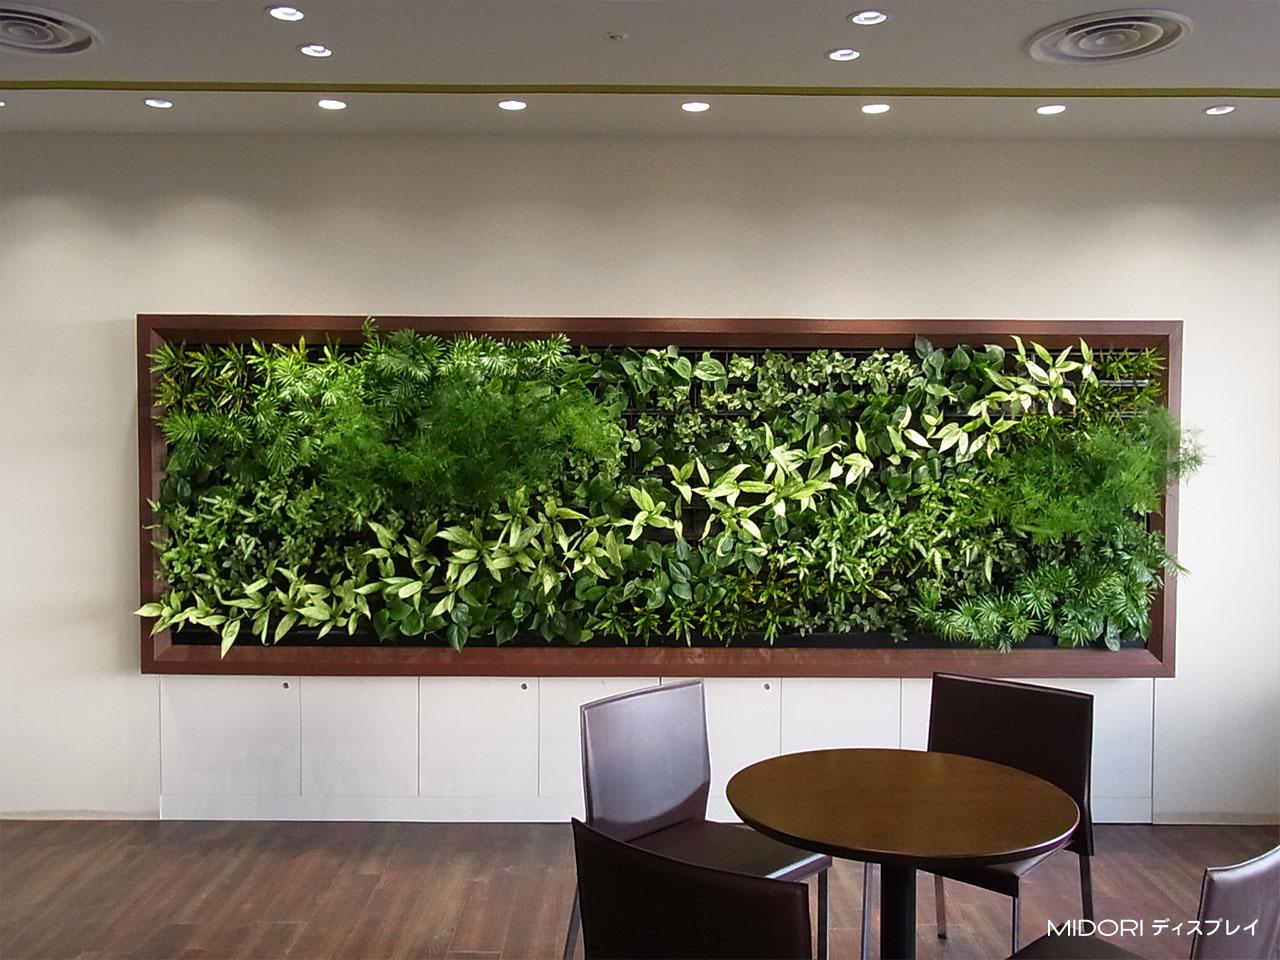 待合スペースへの壁面緑化